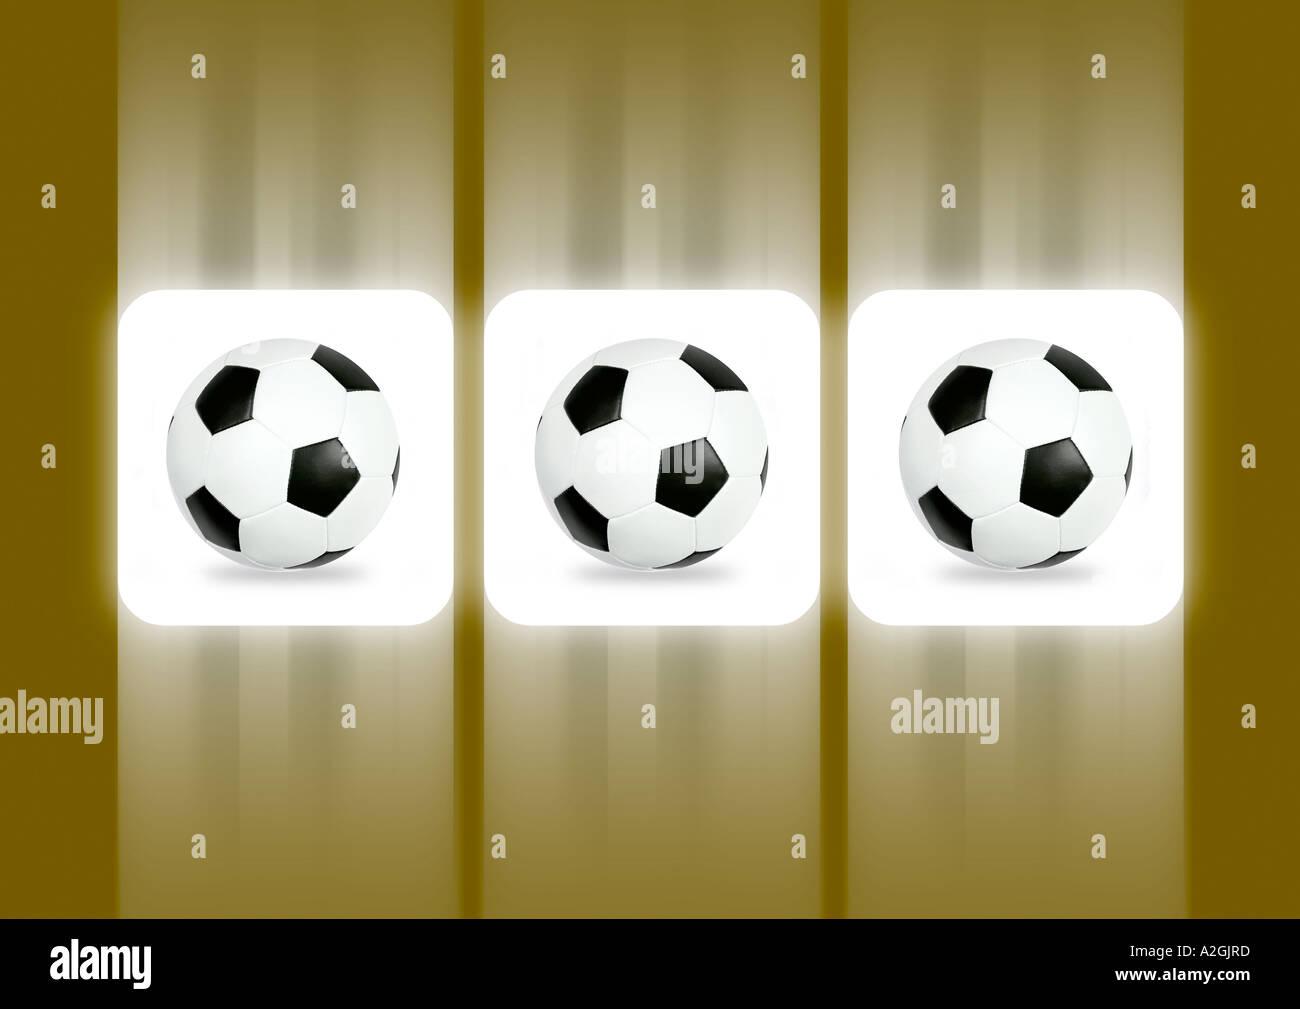 Three balls on a slot machine display 3 Fußbälle auf dem Display eines Spielautomaten - Stock Image